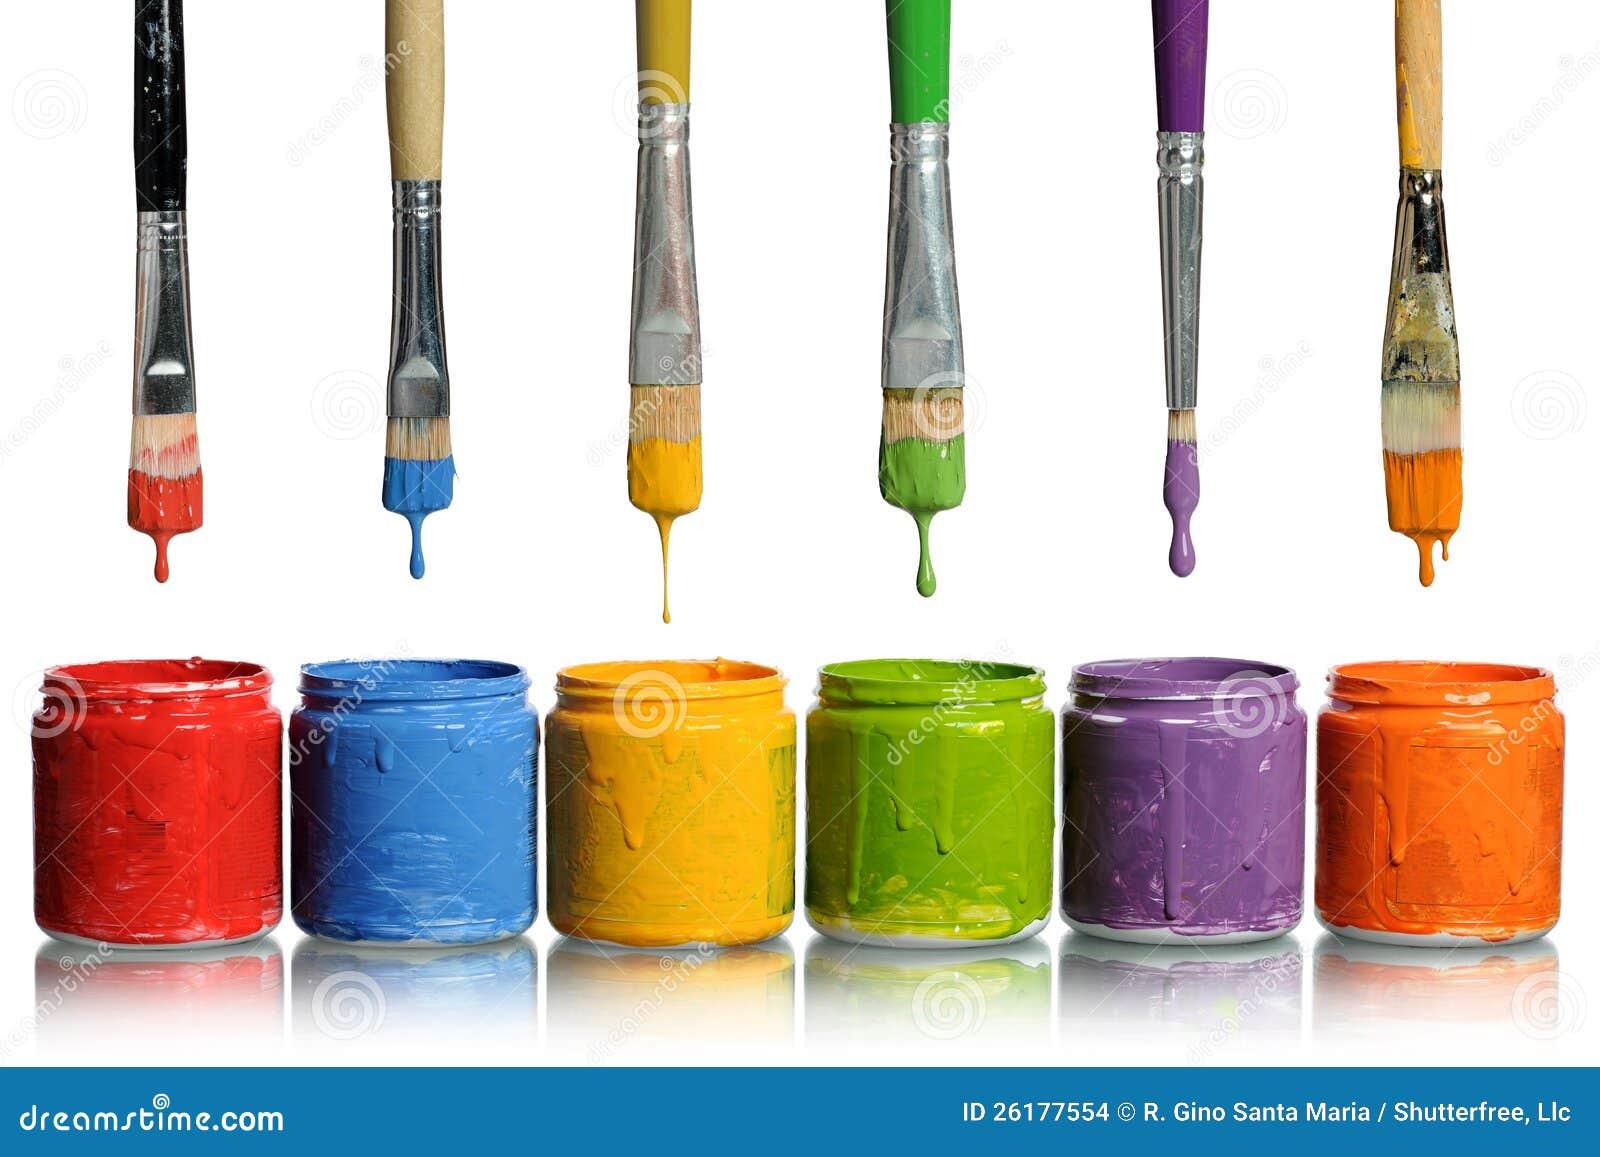 Brochas que gotean en los envases de la pintura foto de archivo imagen 26177554 - Brochas pintura ...